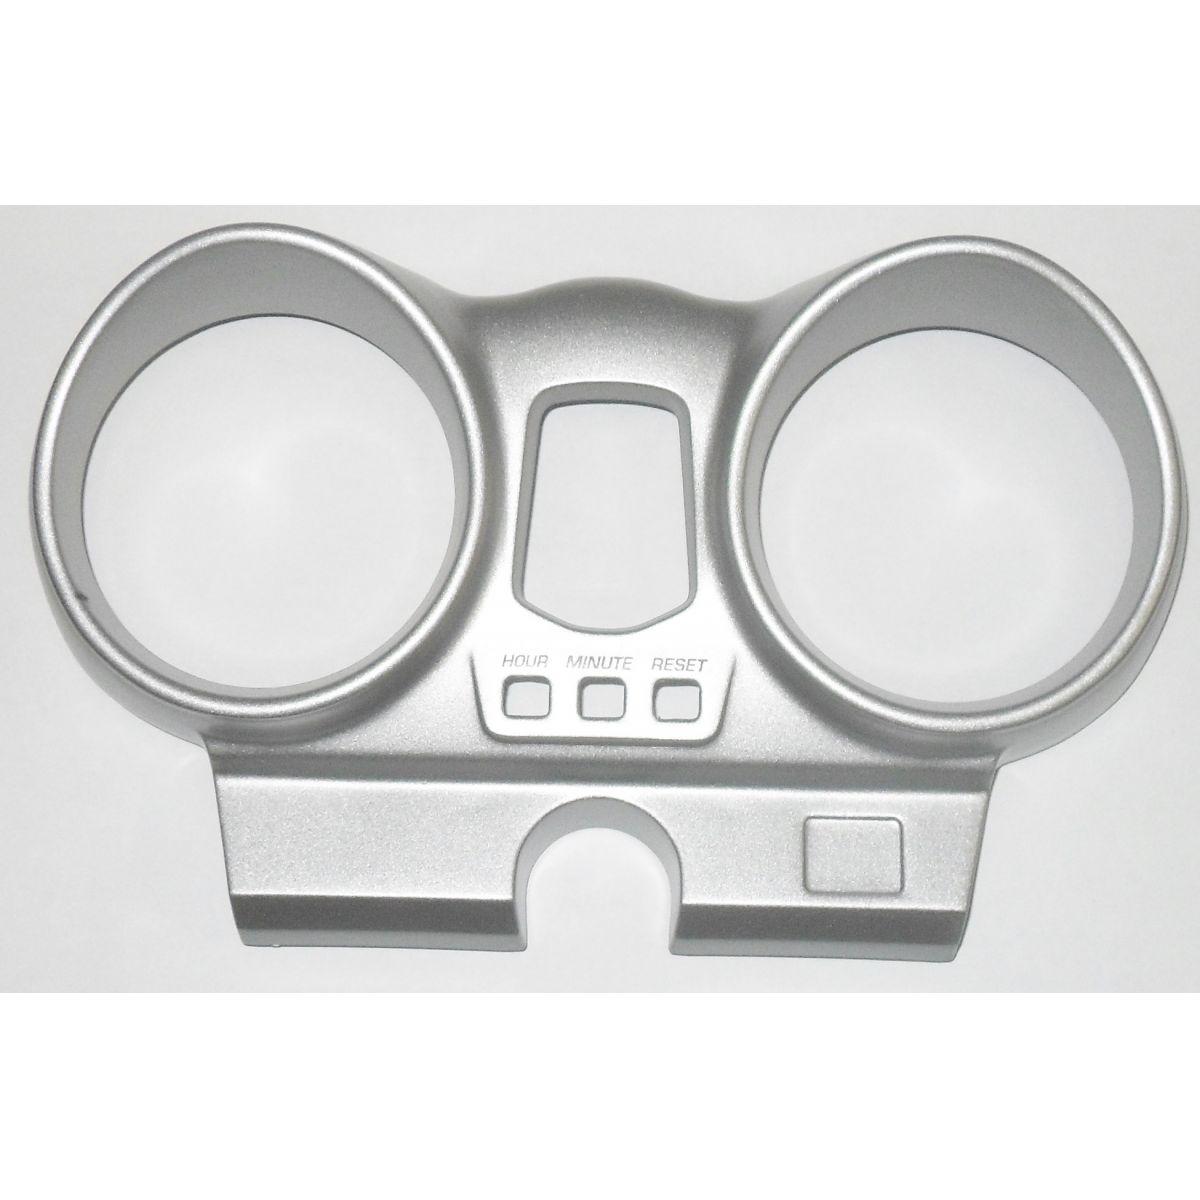 Kit Carcaça do Painel Honda Twister ATÉ 08 Inferior + Interna + Superior